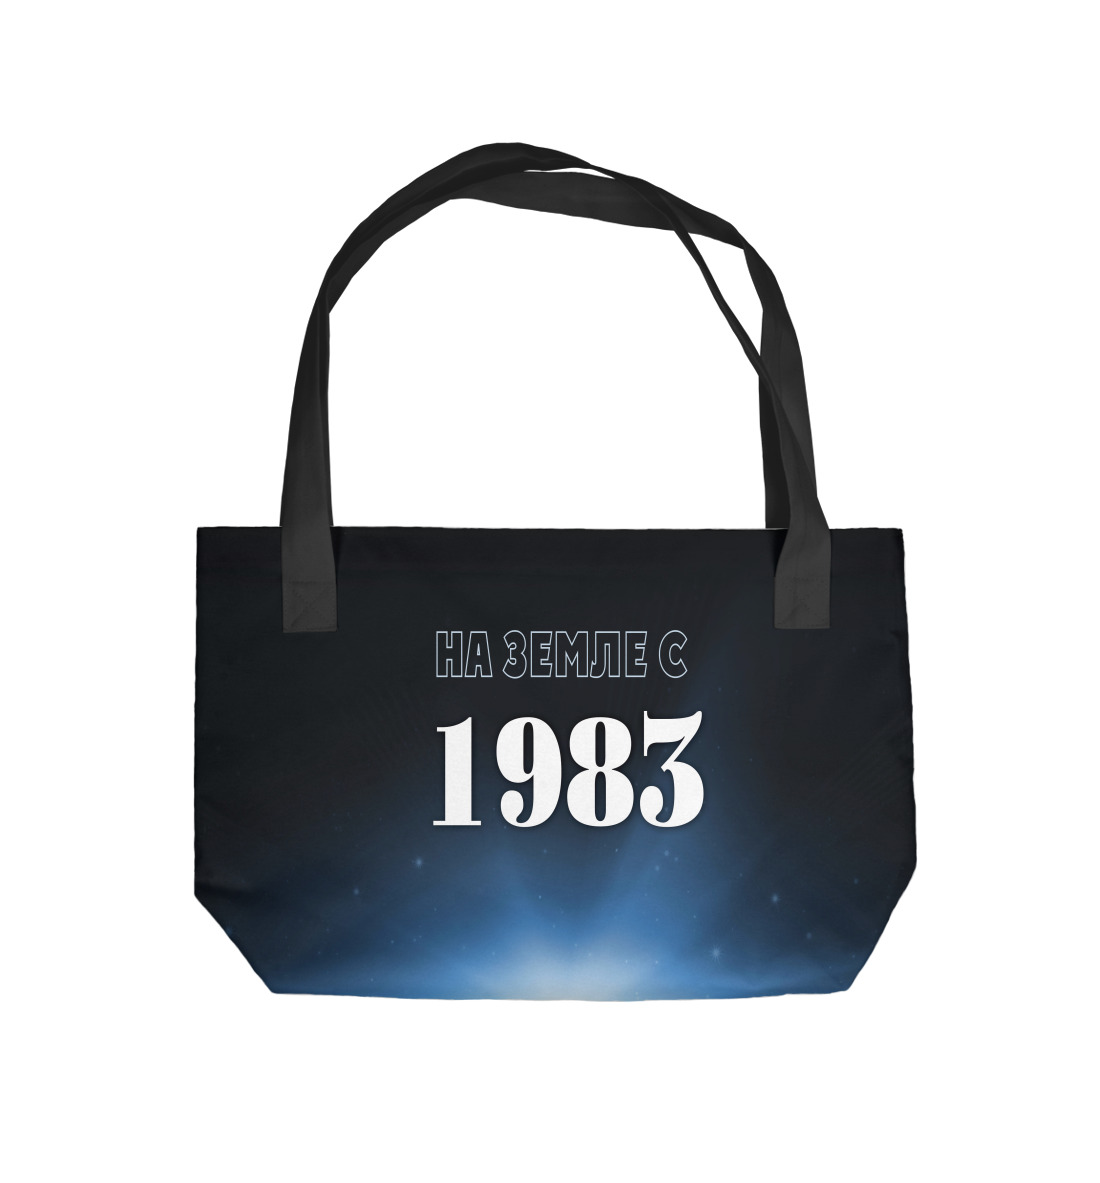 Фото - На Земле с 1983 printio сумка на земле с 1983